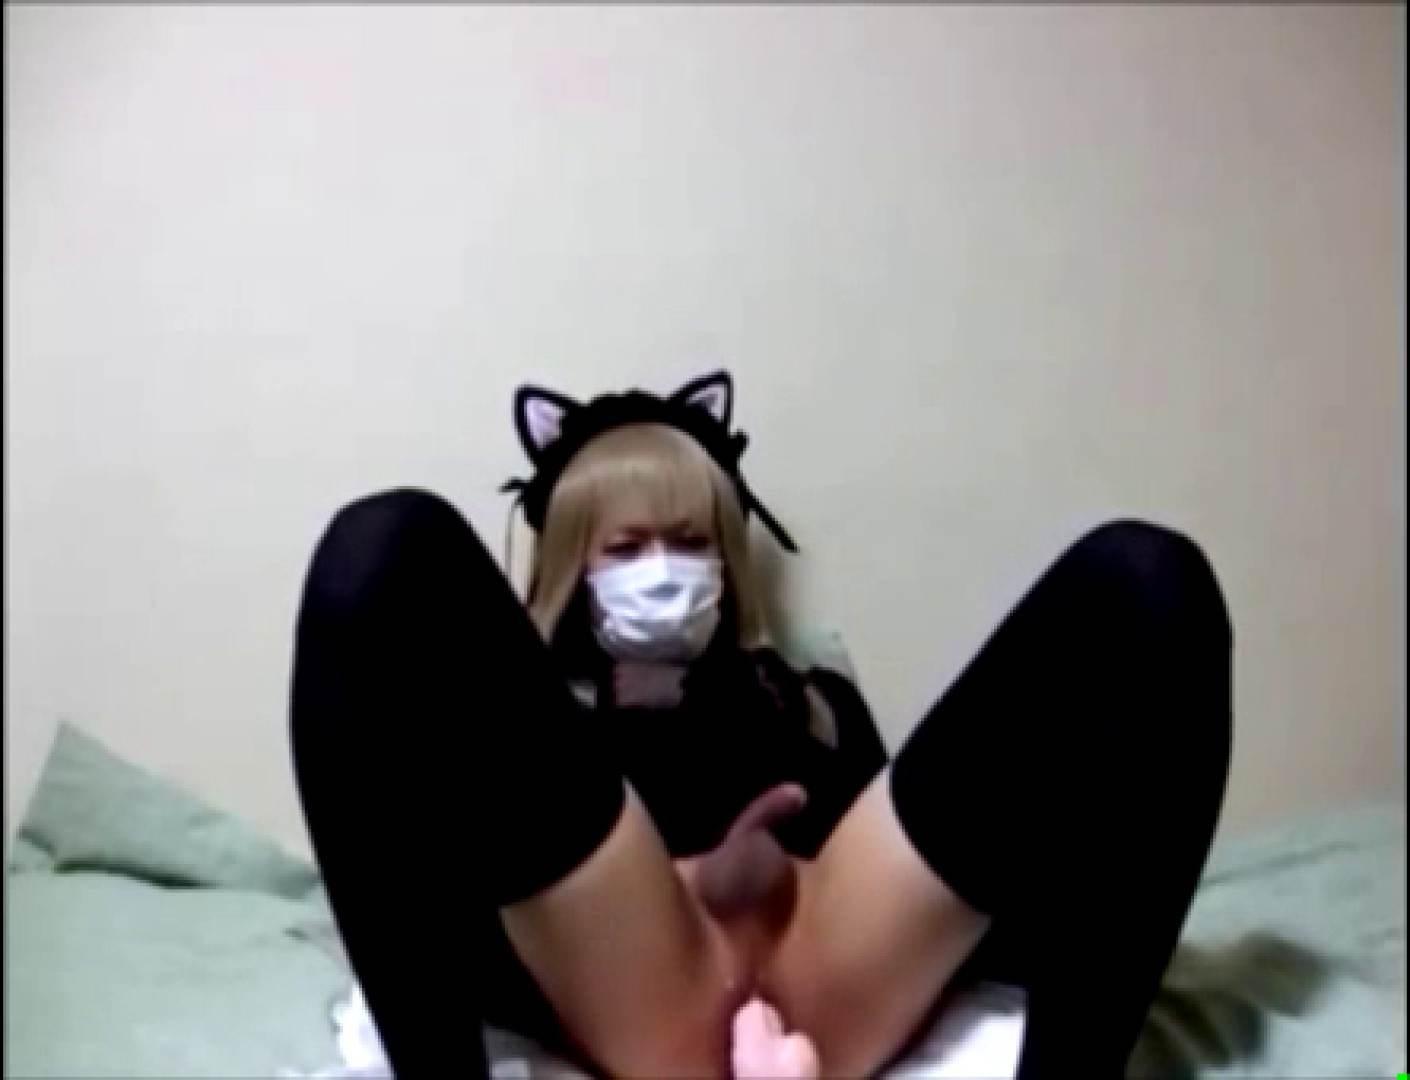 男のKOスプレー!Vol.12 イケメンたち ゲイアダルトビデオ画像 75枚 49